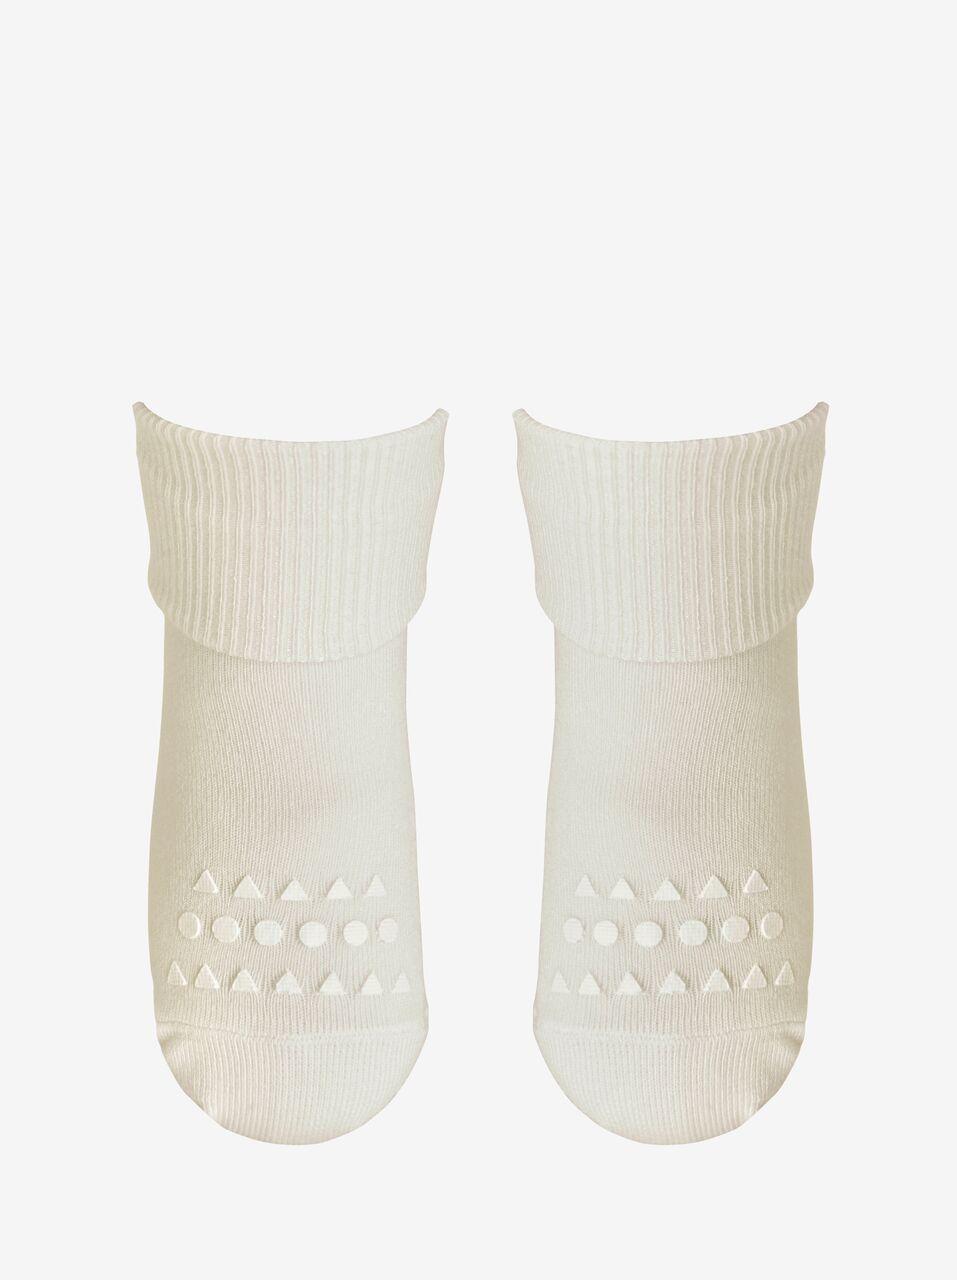 Baltos bambukinės kojinaitės GOBABYGO 6-12 mėn. vaikams